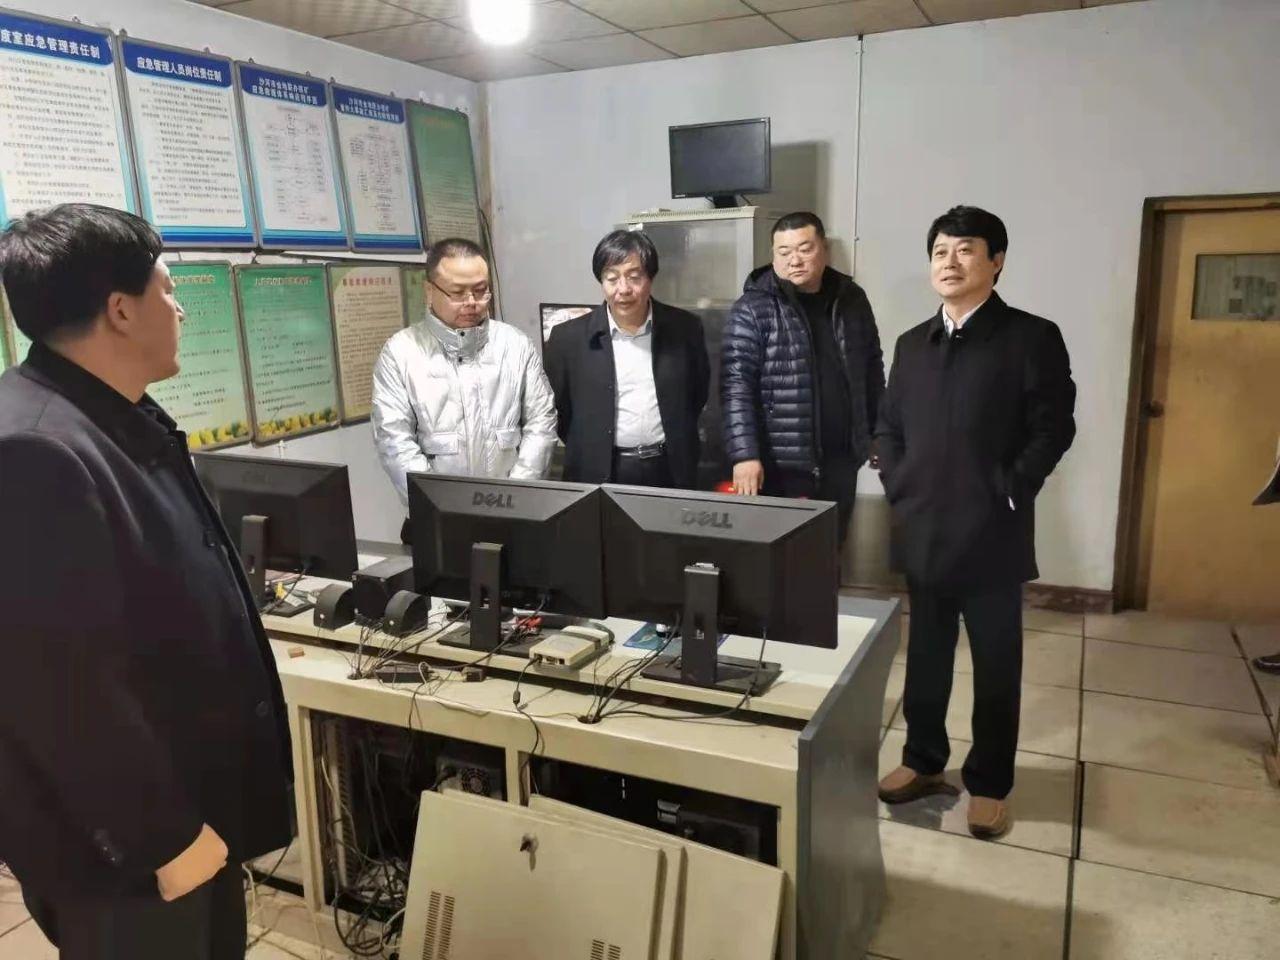 市长wang文玉就jing济运行、安全生产等工作进行现场调研